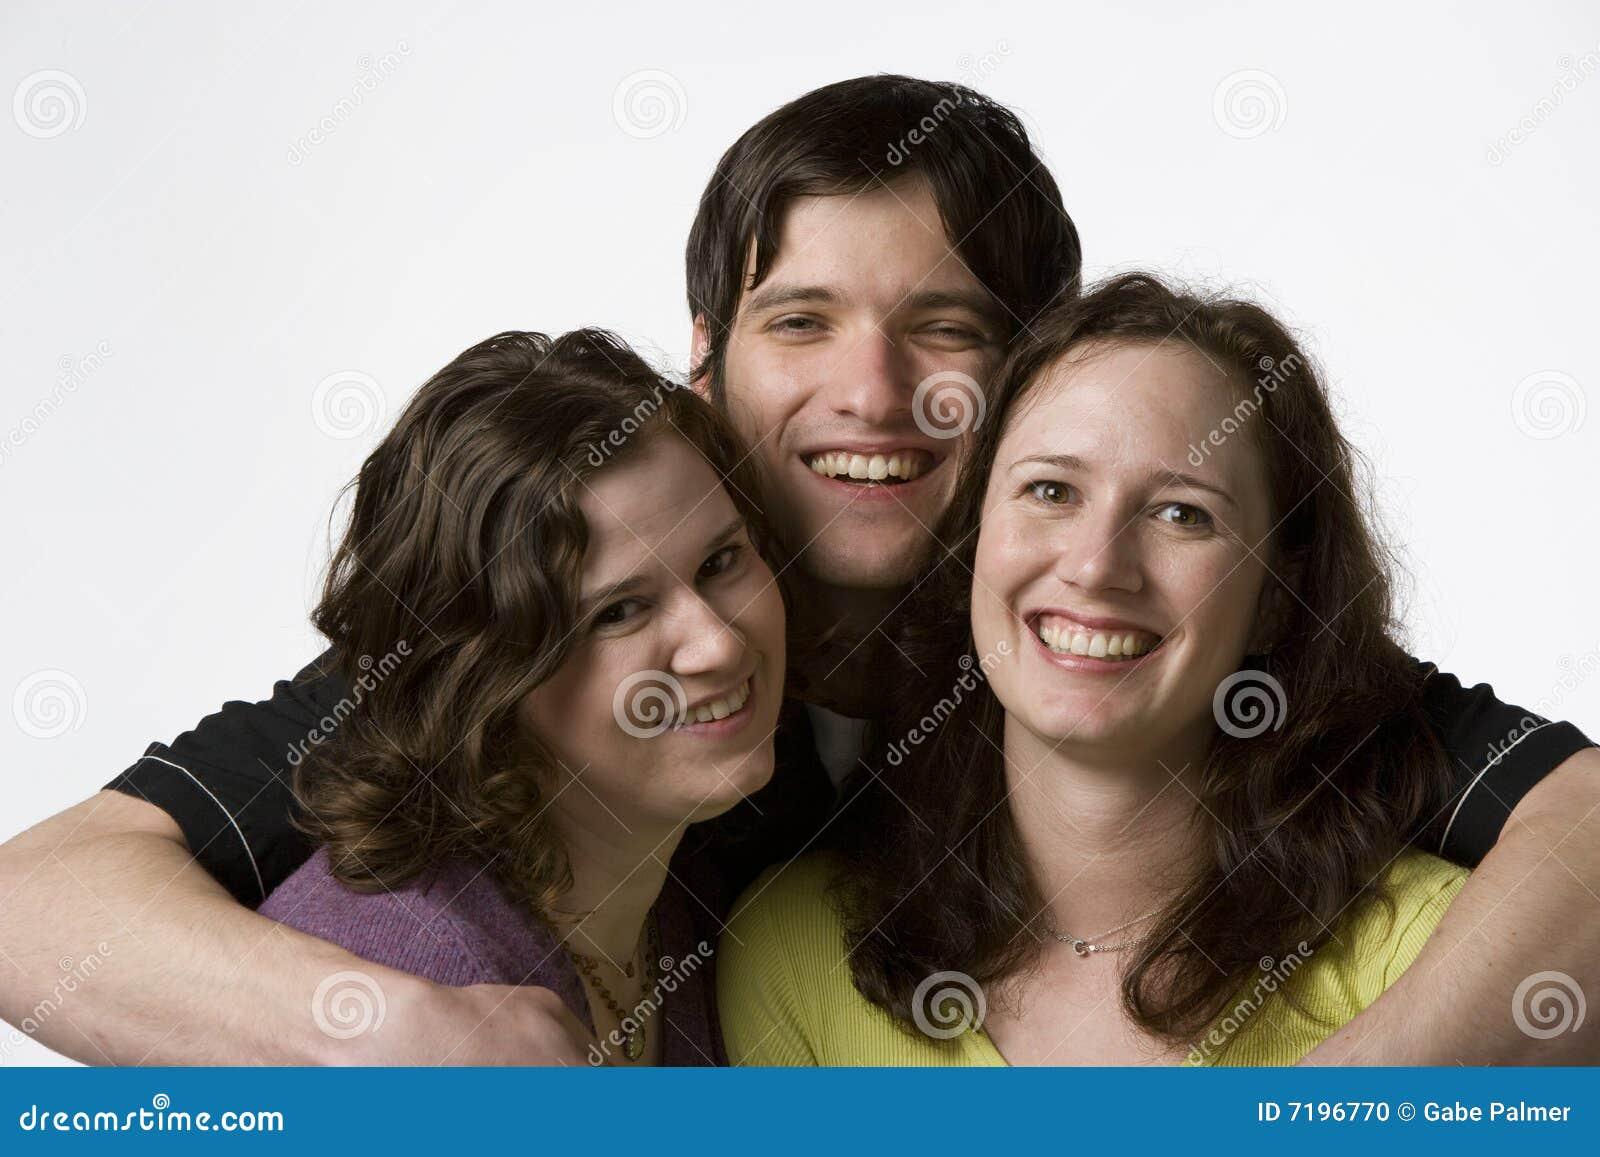 Adult portrait siblings three